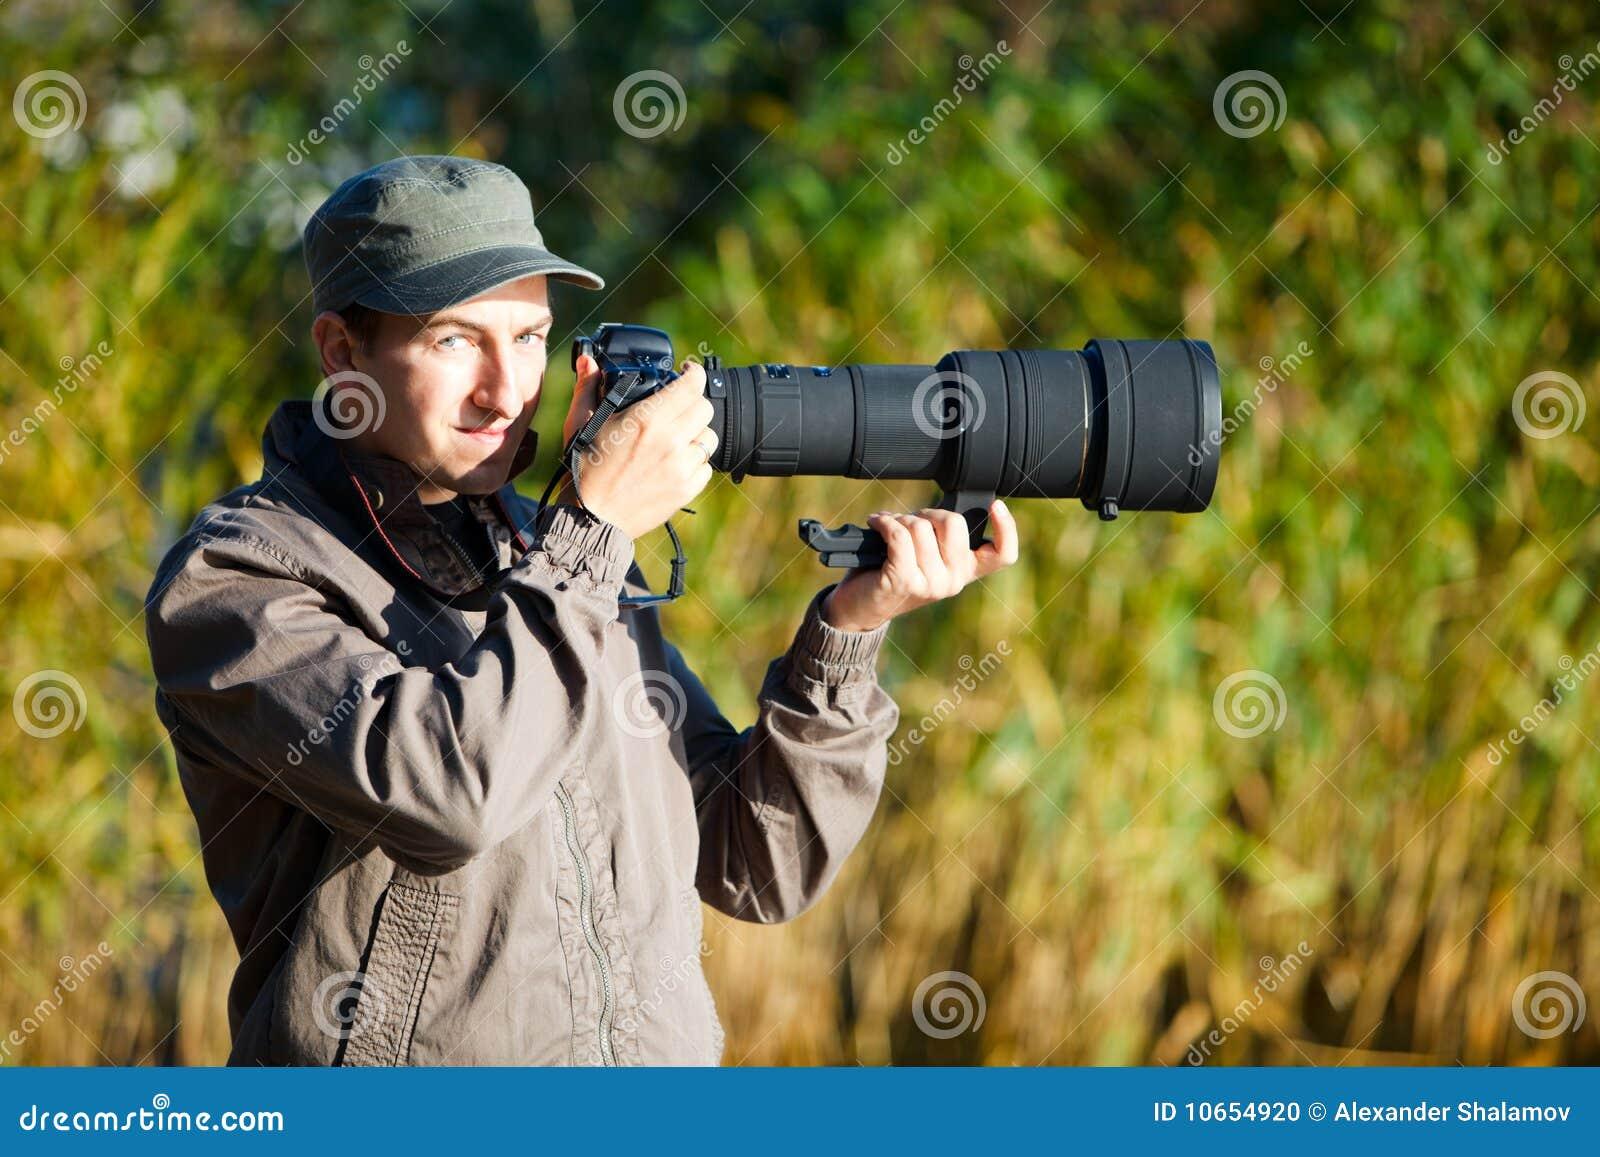 透镜本质采取远距照相的摄影师照片使用年轻人.